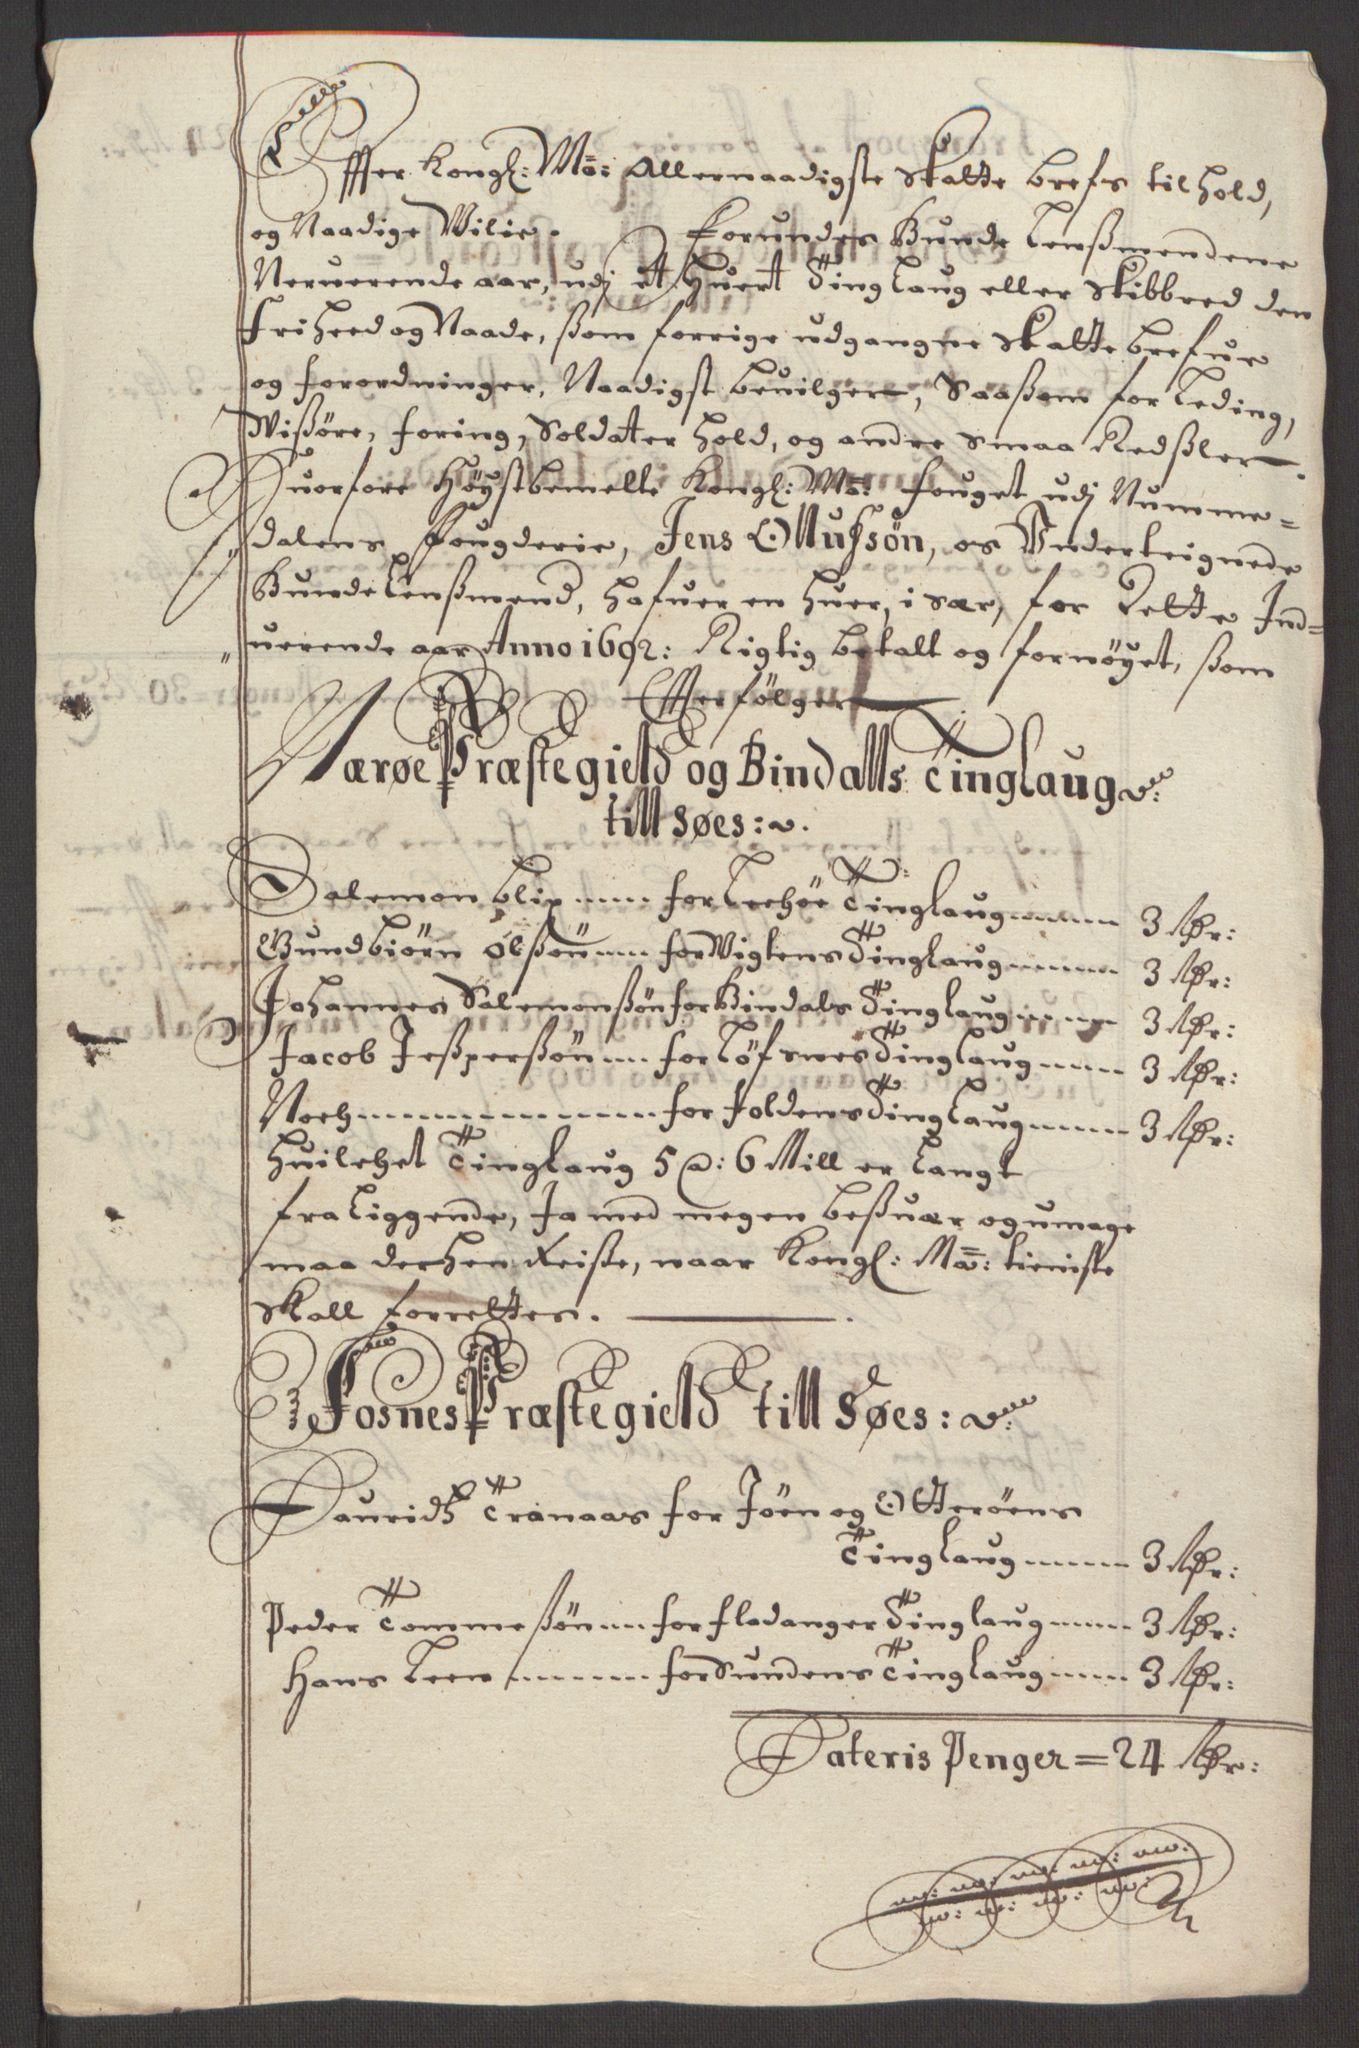 RA, Rentekammeret inntil 1814, Reviderte regnskaper, Fogderegnskap, R64/L4424: Fogderegnskap Namdal, 1692-1695, s. 142